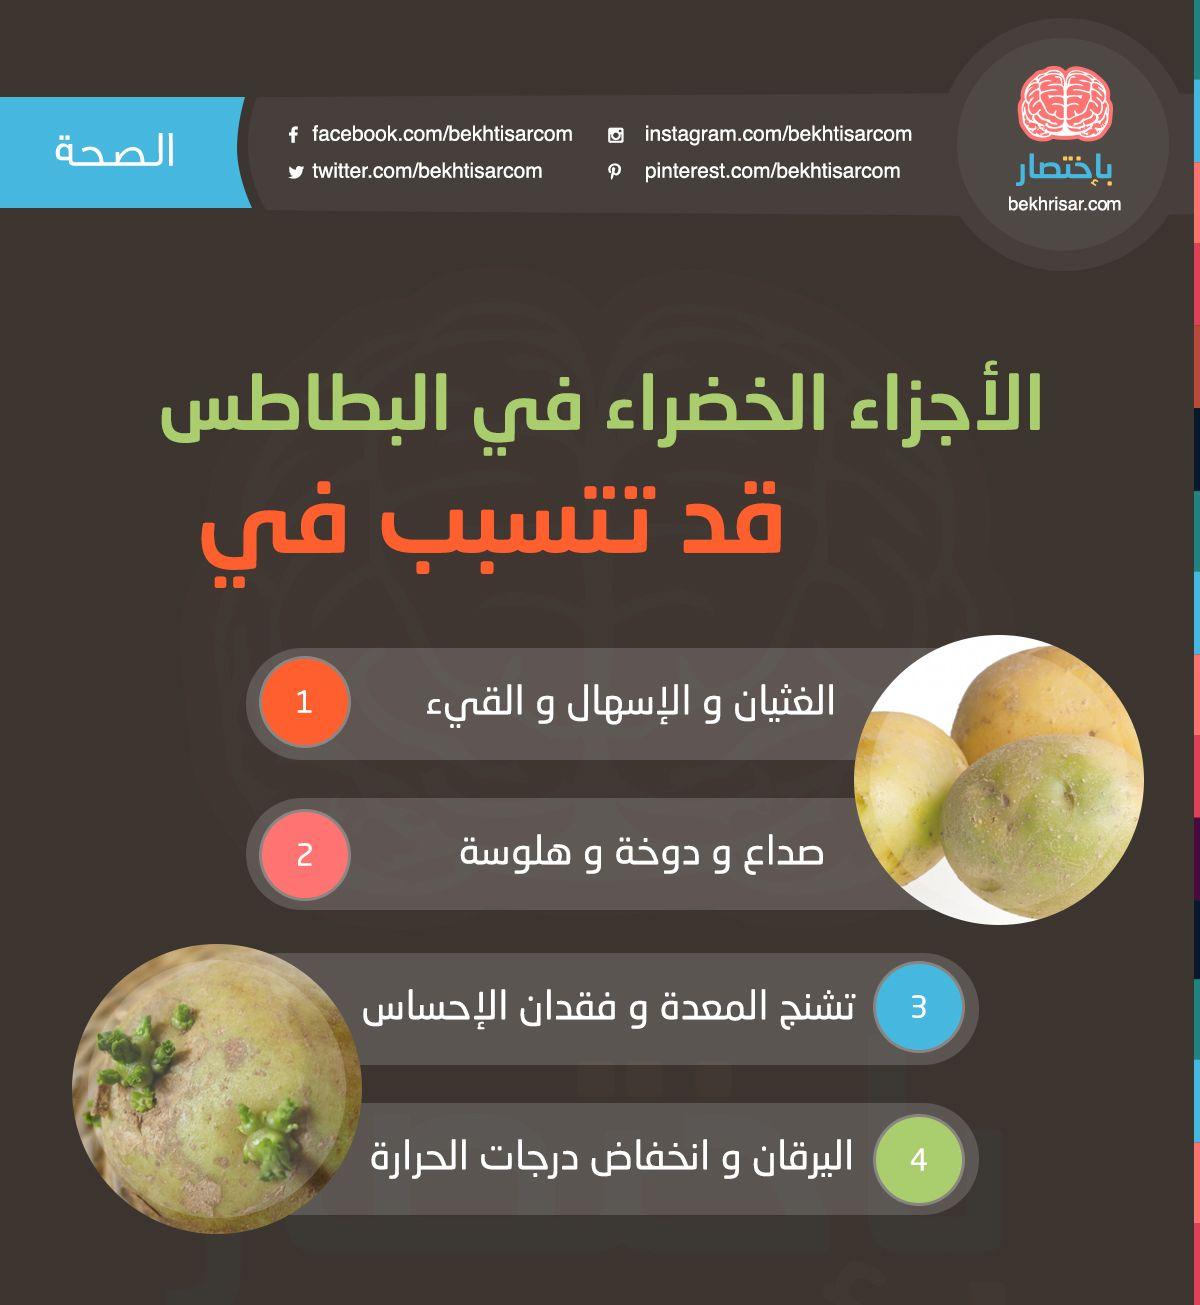 ماهي مخاطر الاجزاء الخضراء في البطاطس باختصار الصحة الطب معلومة هل تعلم فوائد البطاطس ا Incoming Call Screenshot Incoming Call Lockscreen Screenshot